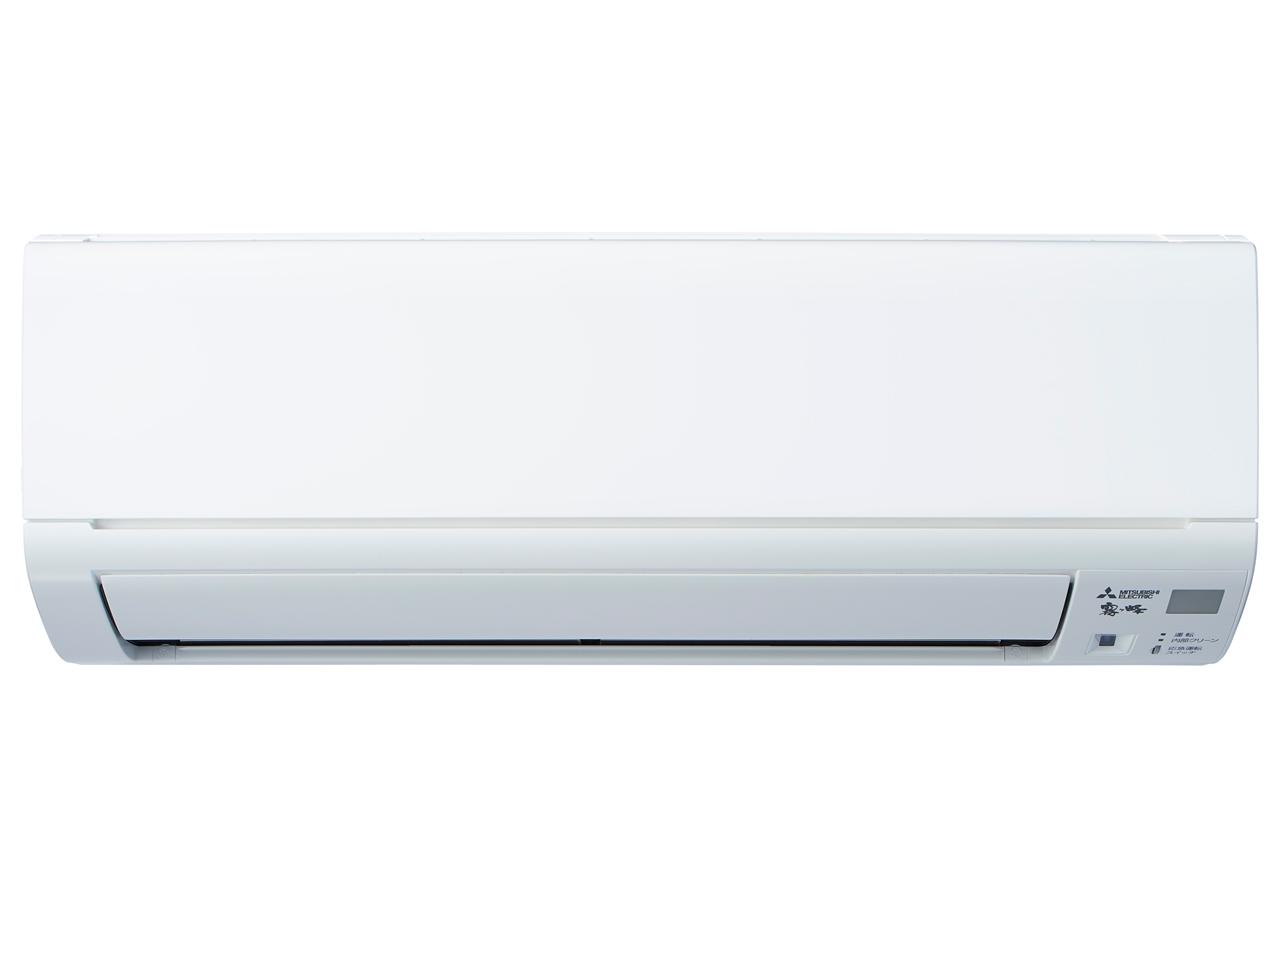 霧ヶ峰 MSZ-GE4019S の製品画像